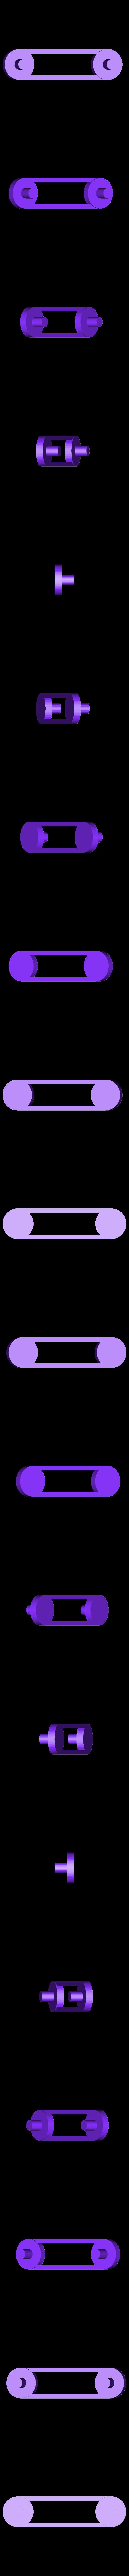 Base.stl Télécharger fichier STL gratuit Nautilus Gears - Barre unilatérale avec capuchons • Modèle pour impression 3D, sportguy3Dprint